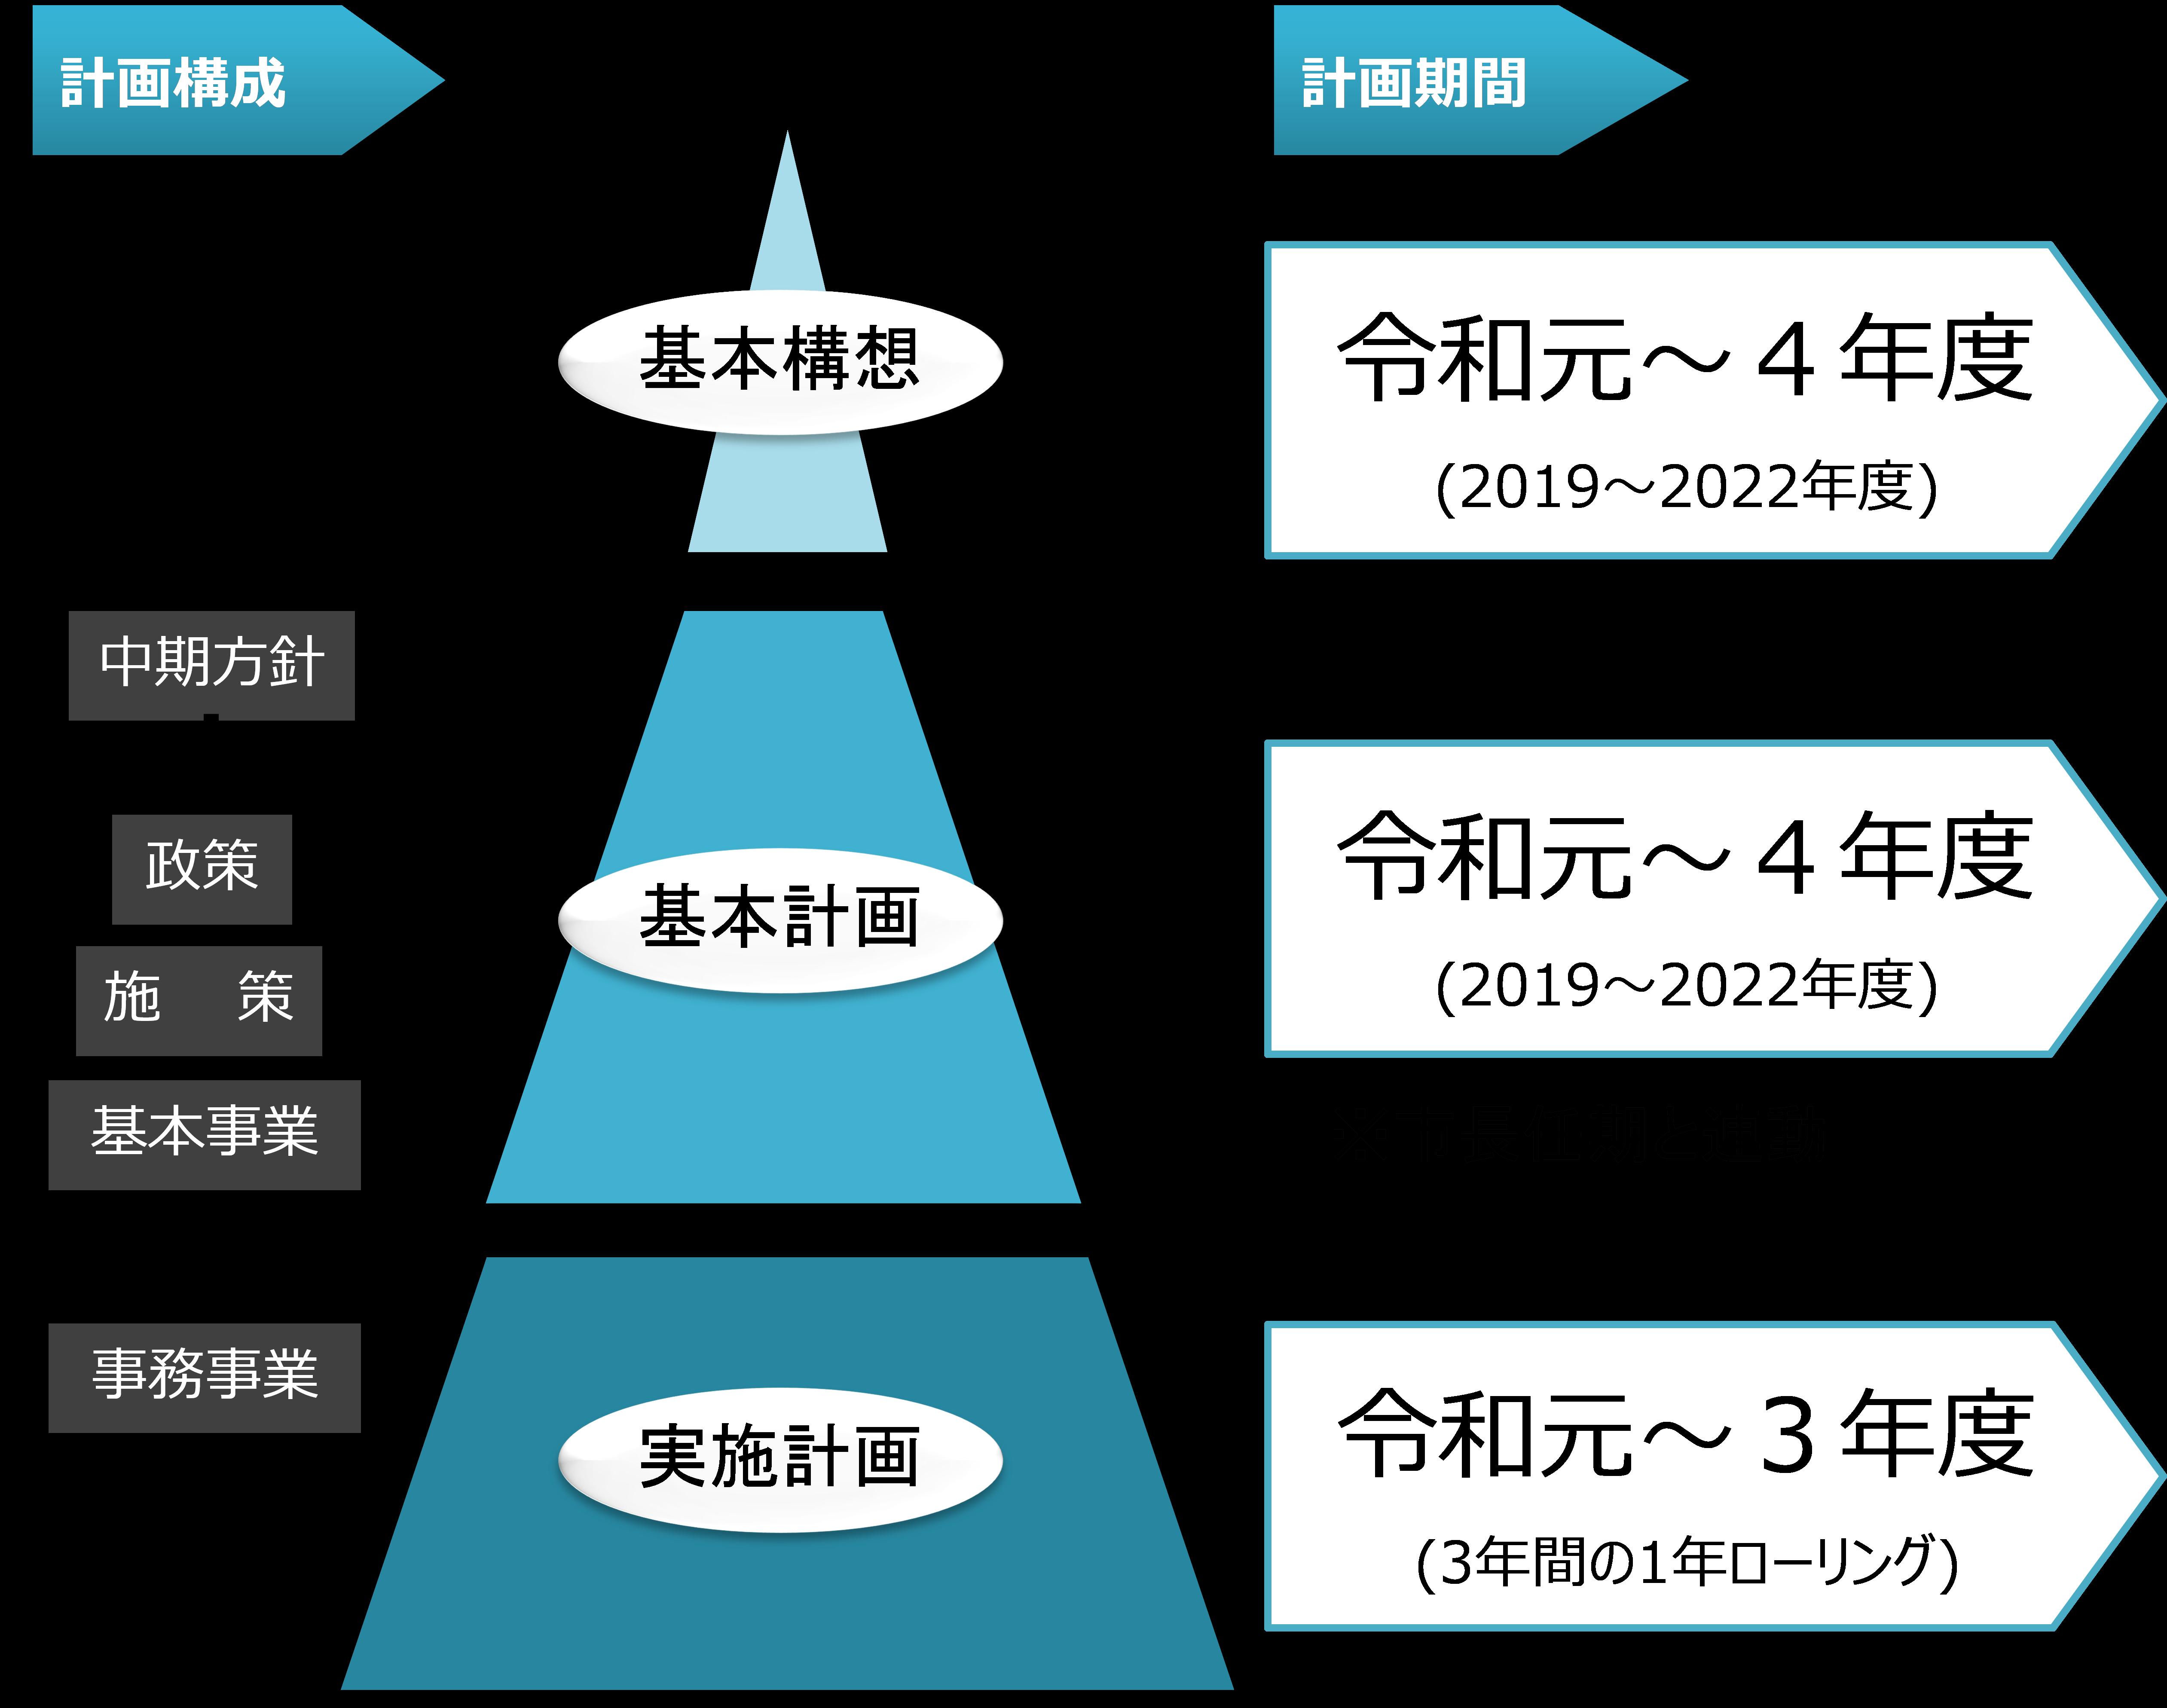 第2次総合計画の構成と期間